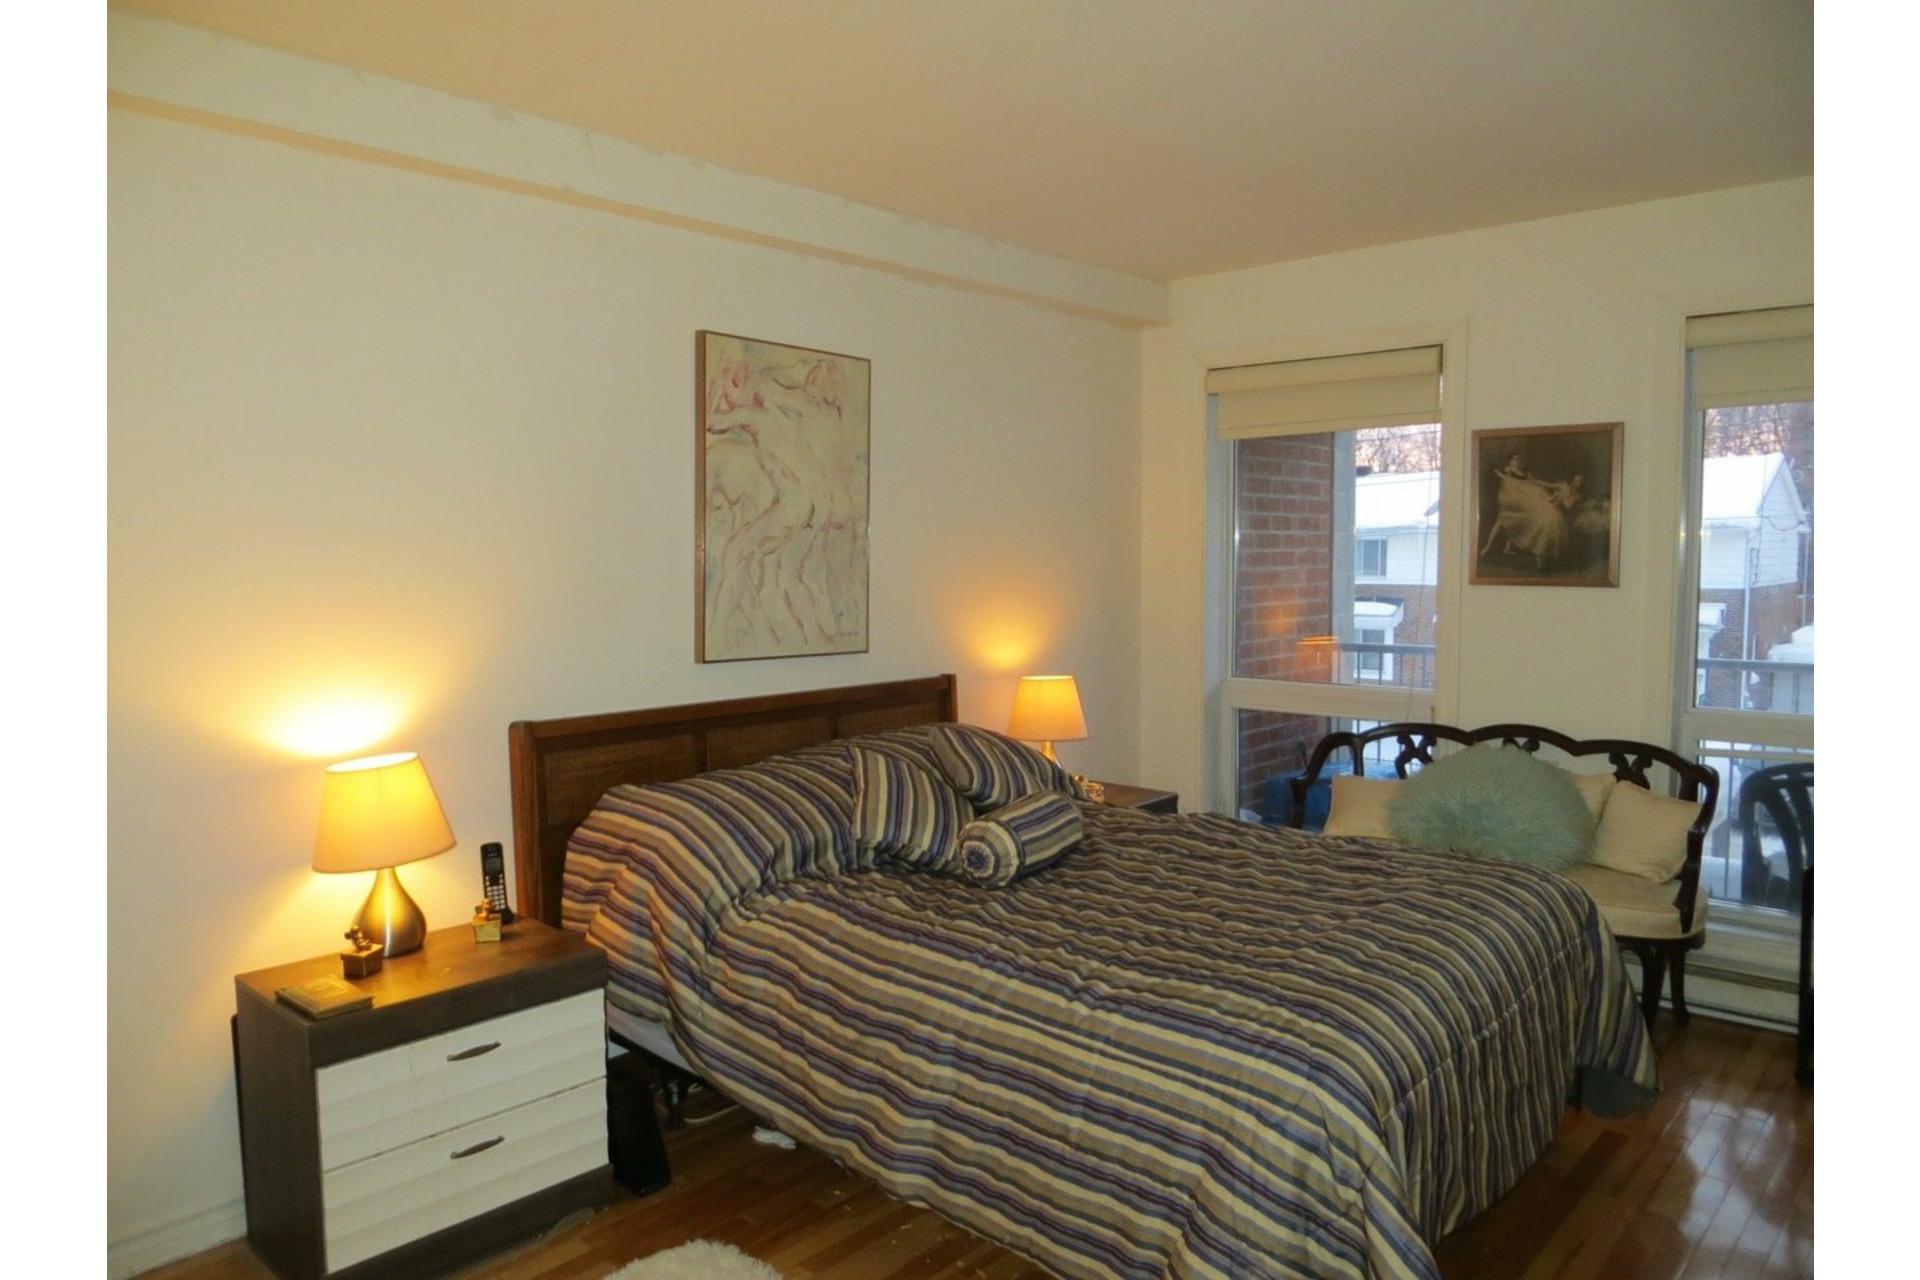 image 19 - Appartement À vendre Côte-des-Neiges/Notre-Dame-de-Grâce Montréal  - 6 pièces